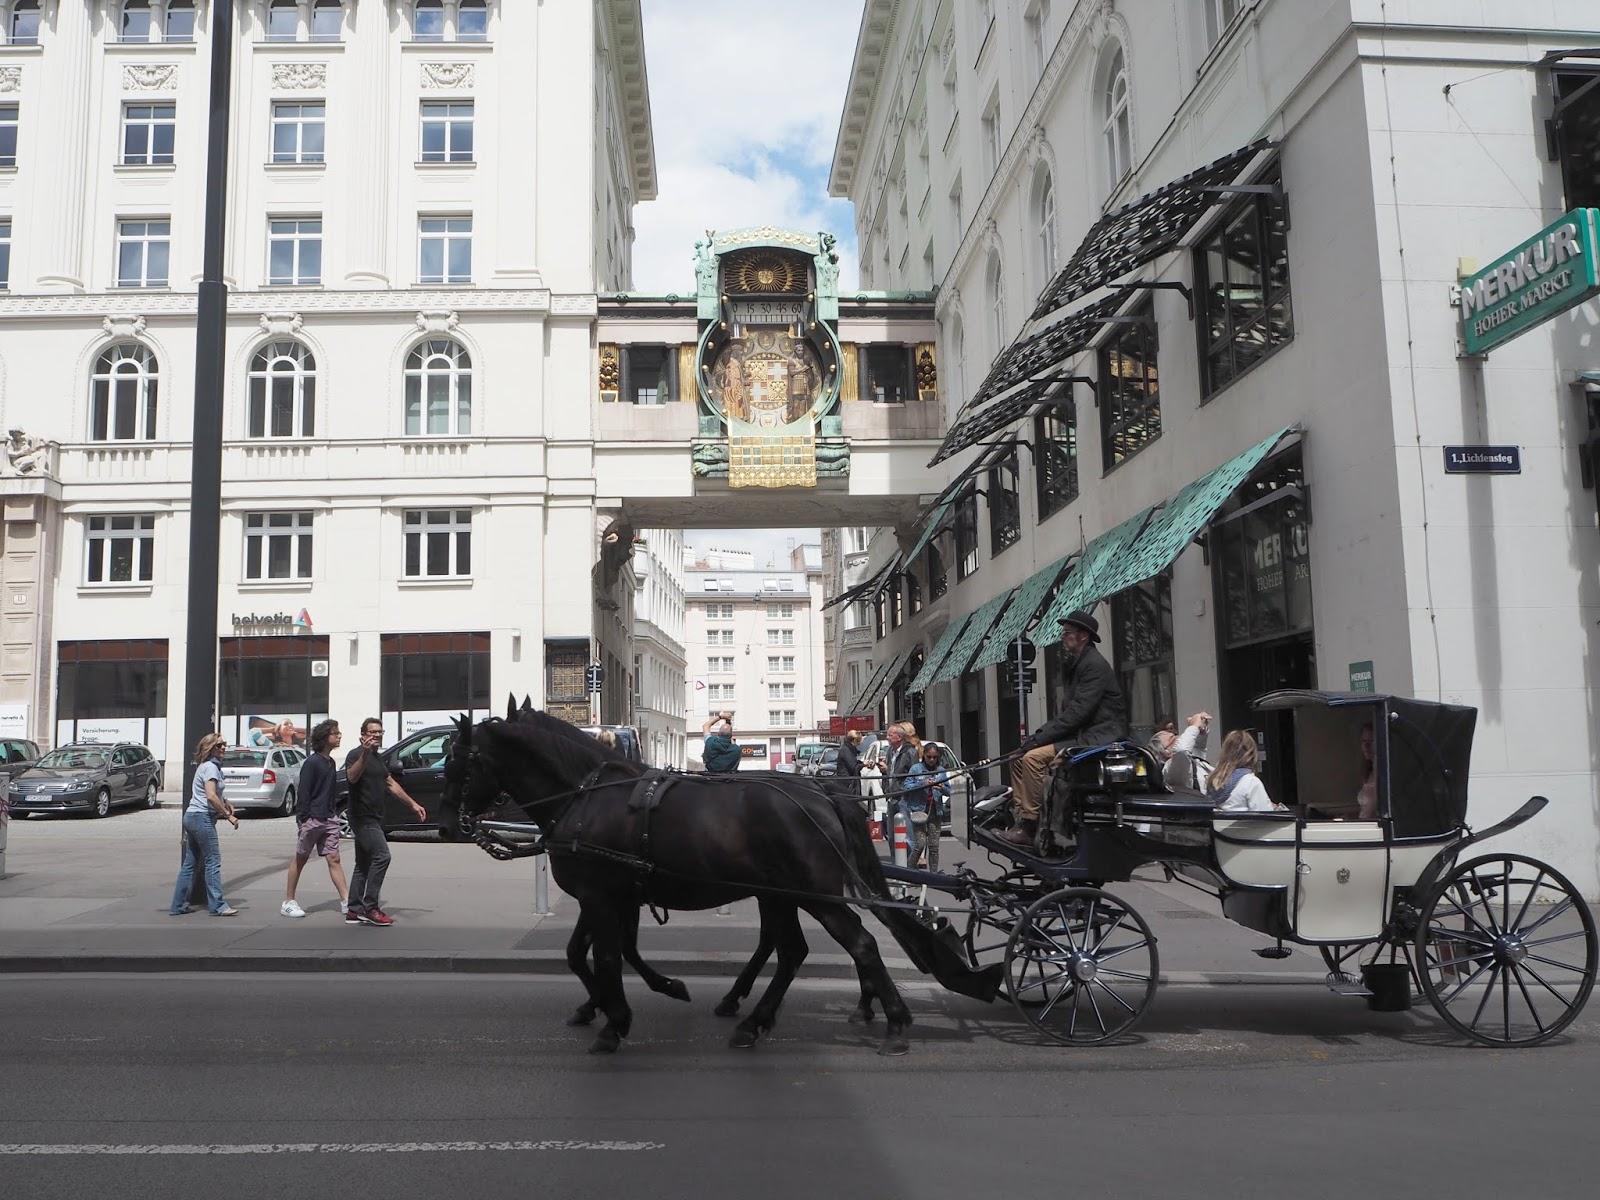 Astrological clock Hoher Markt Vienna